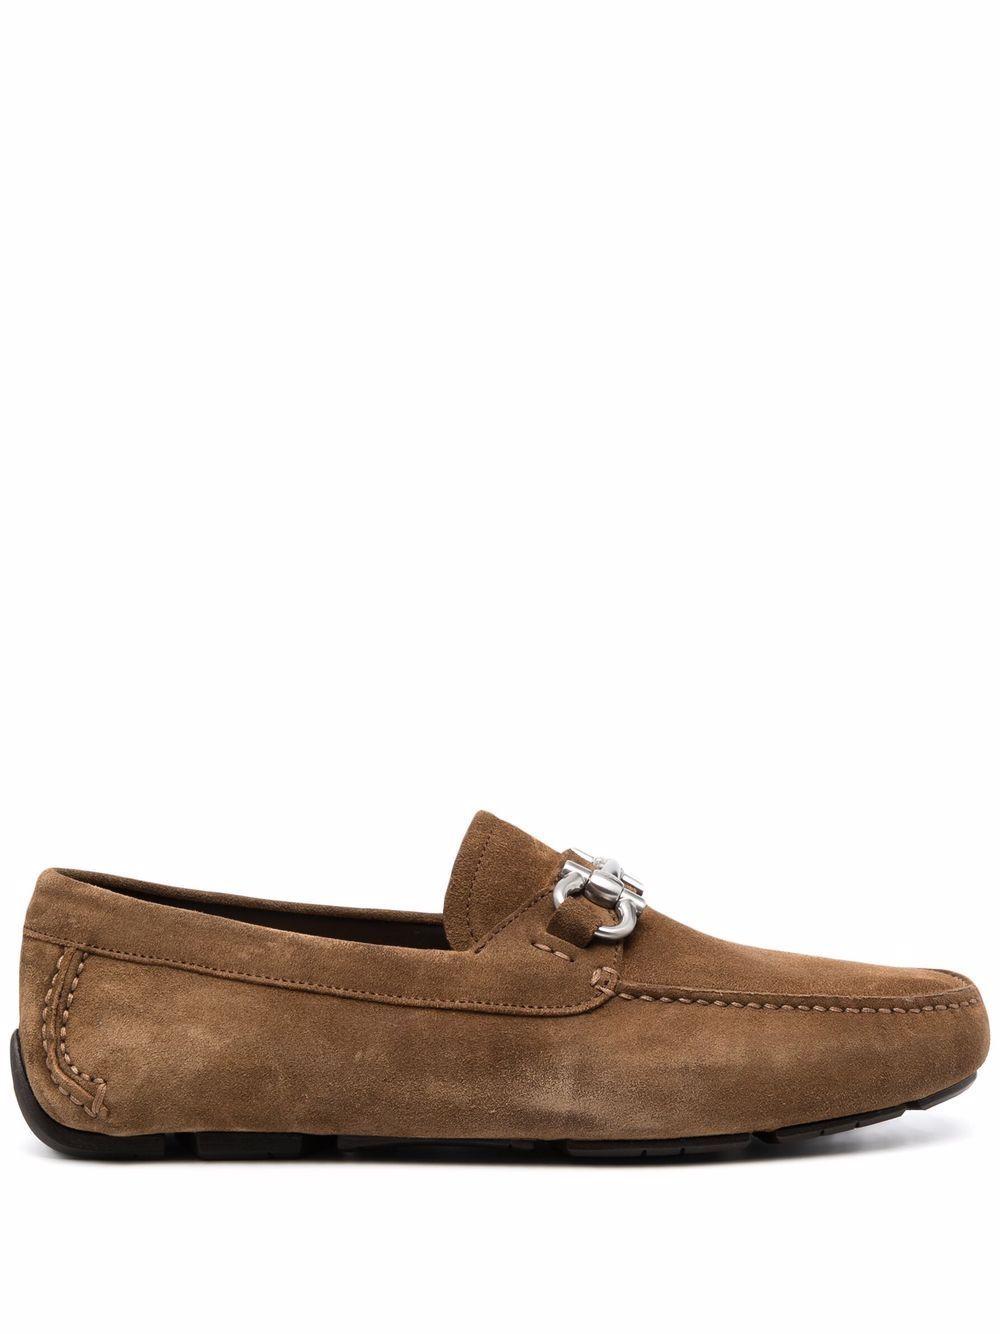 Salvatore ferragamo scarpe basse marrone